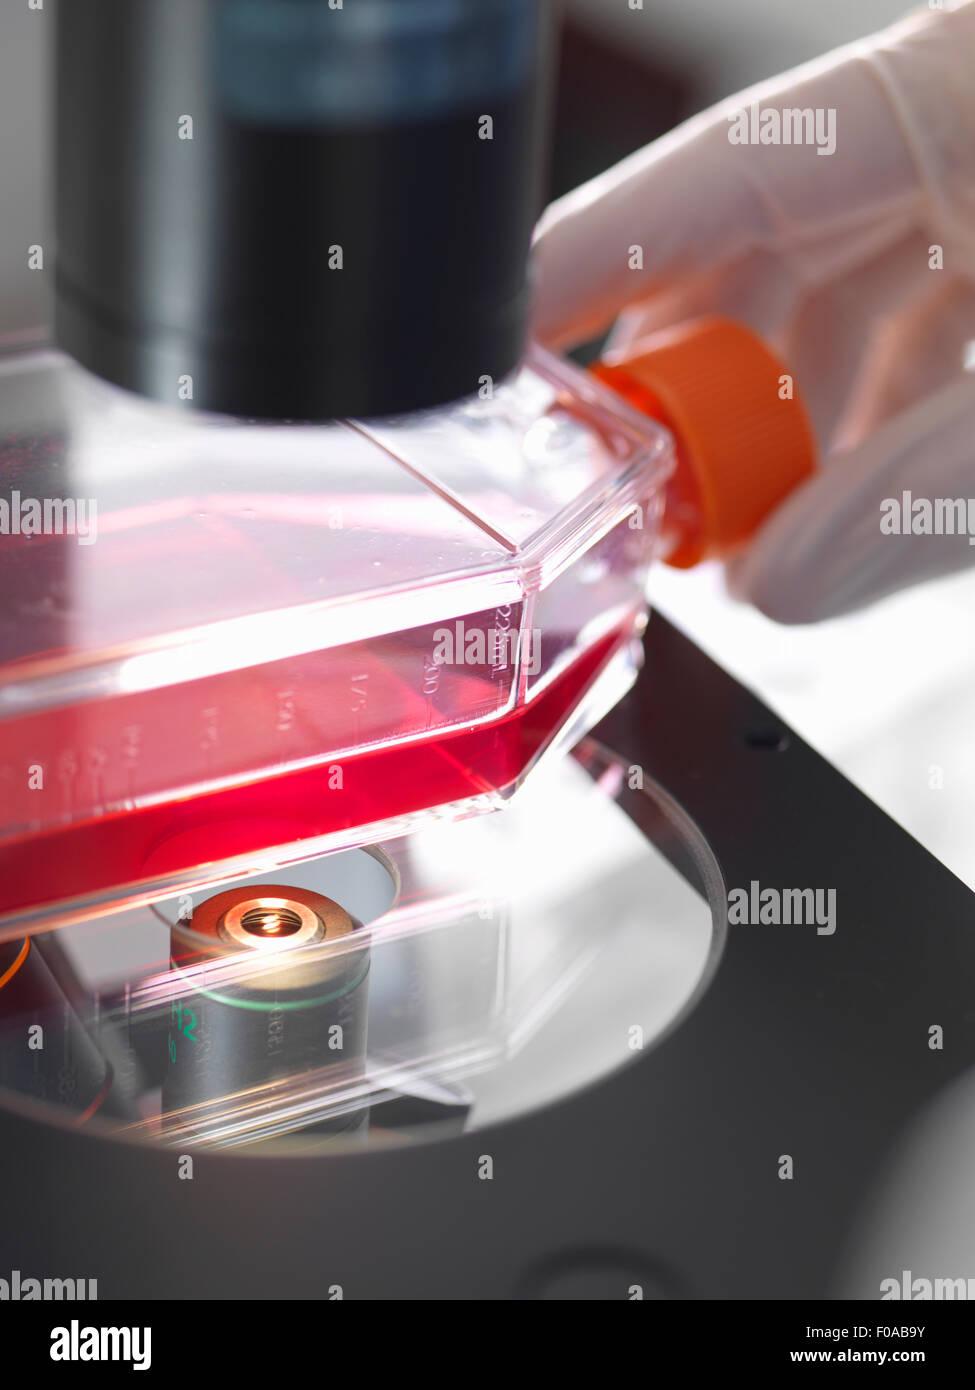 Assis sur les cultures contenant de la plate-forme microscope inversé in lab Photo Stock